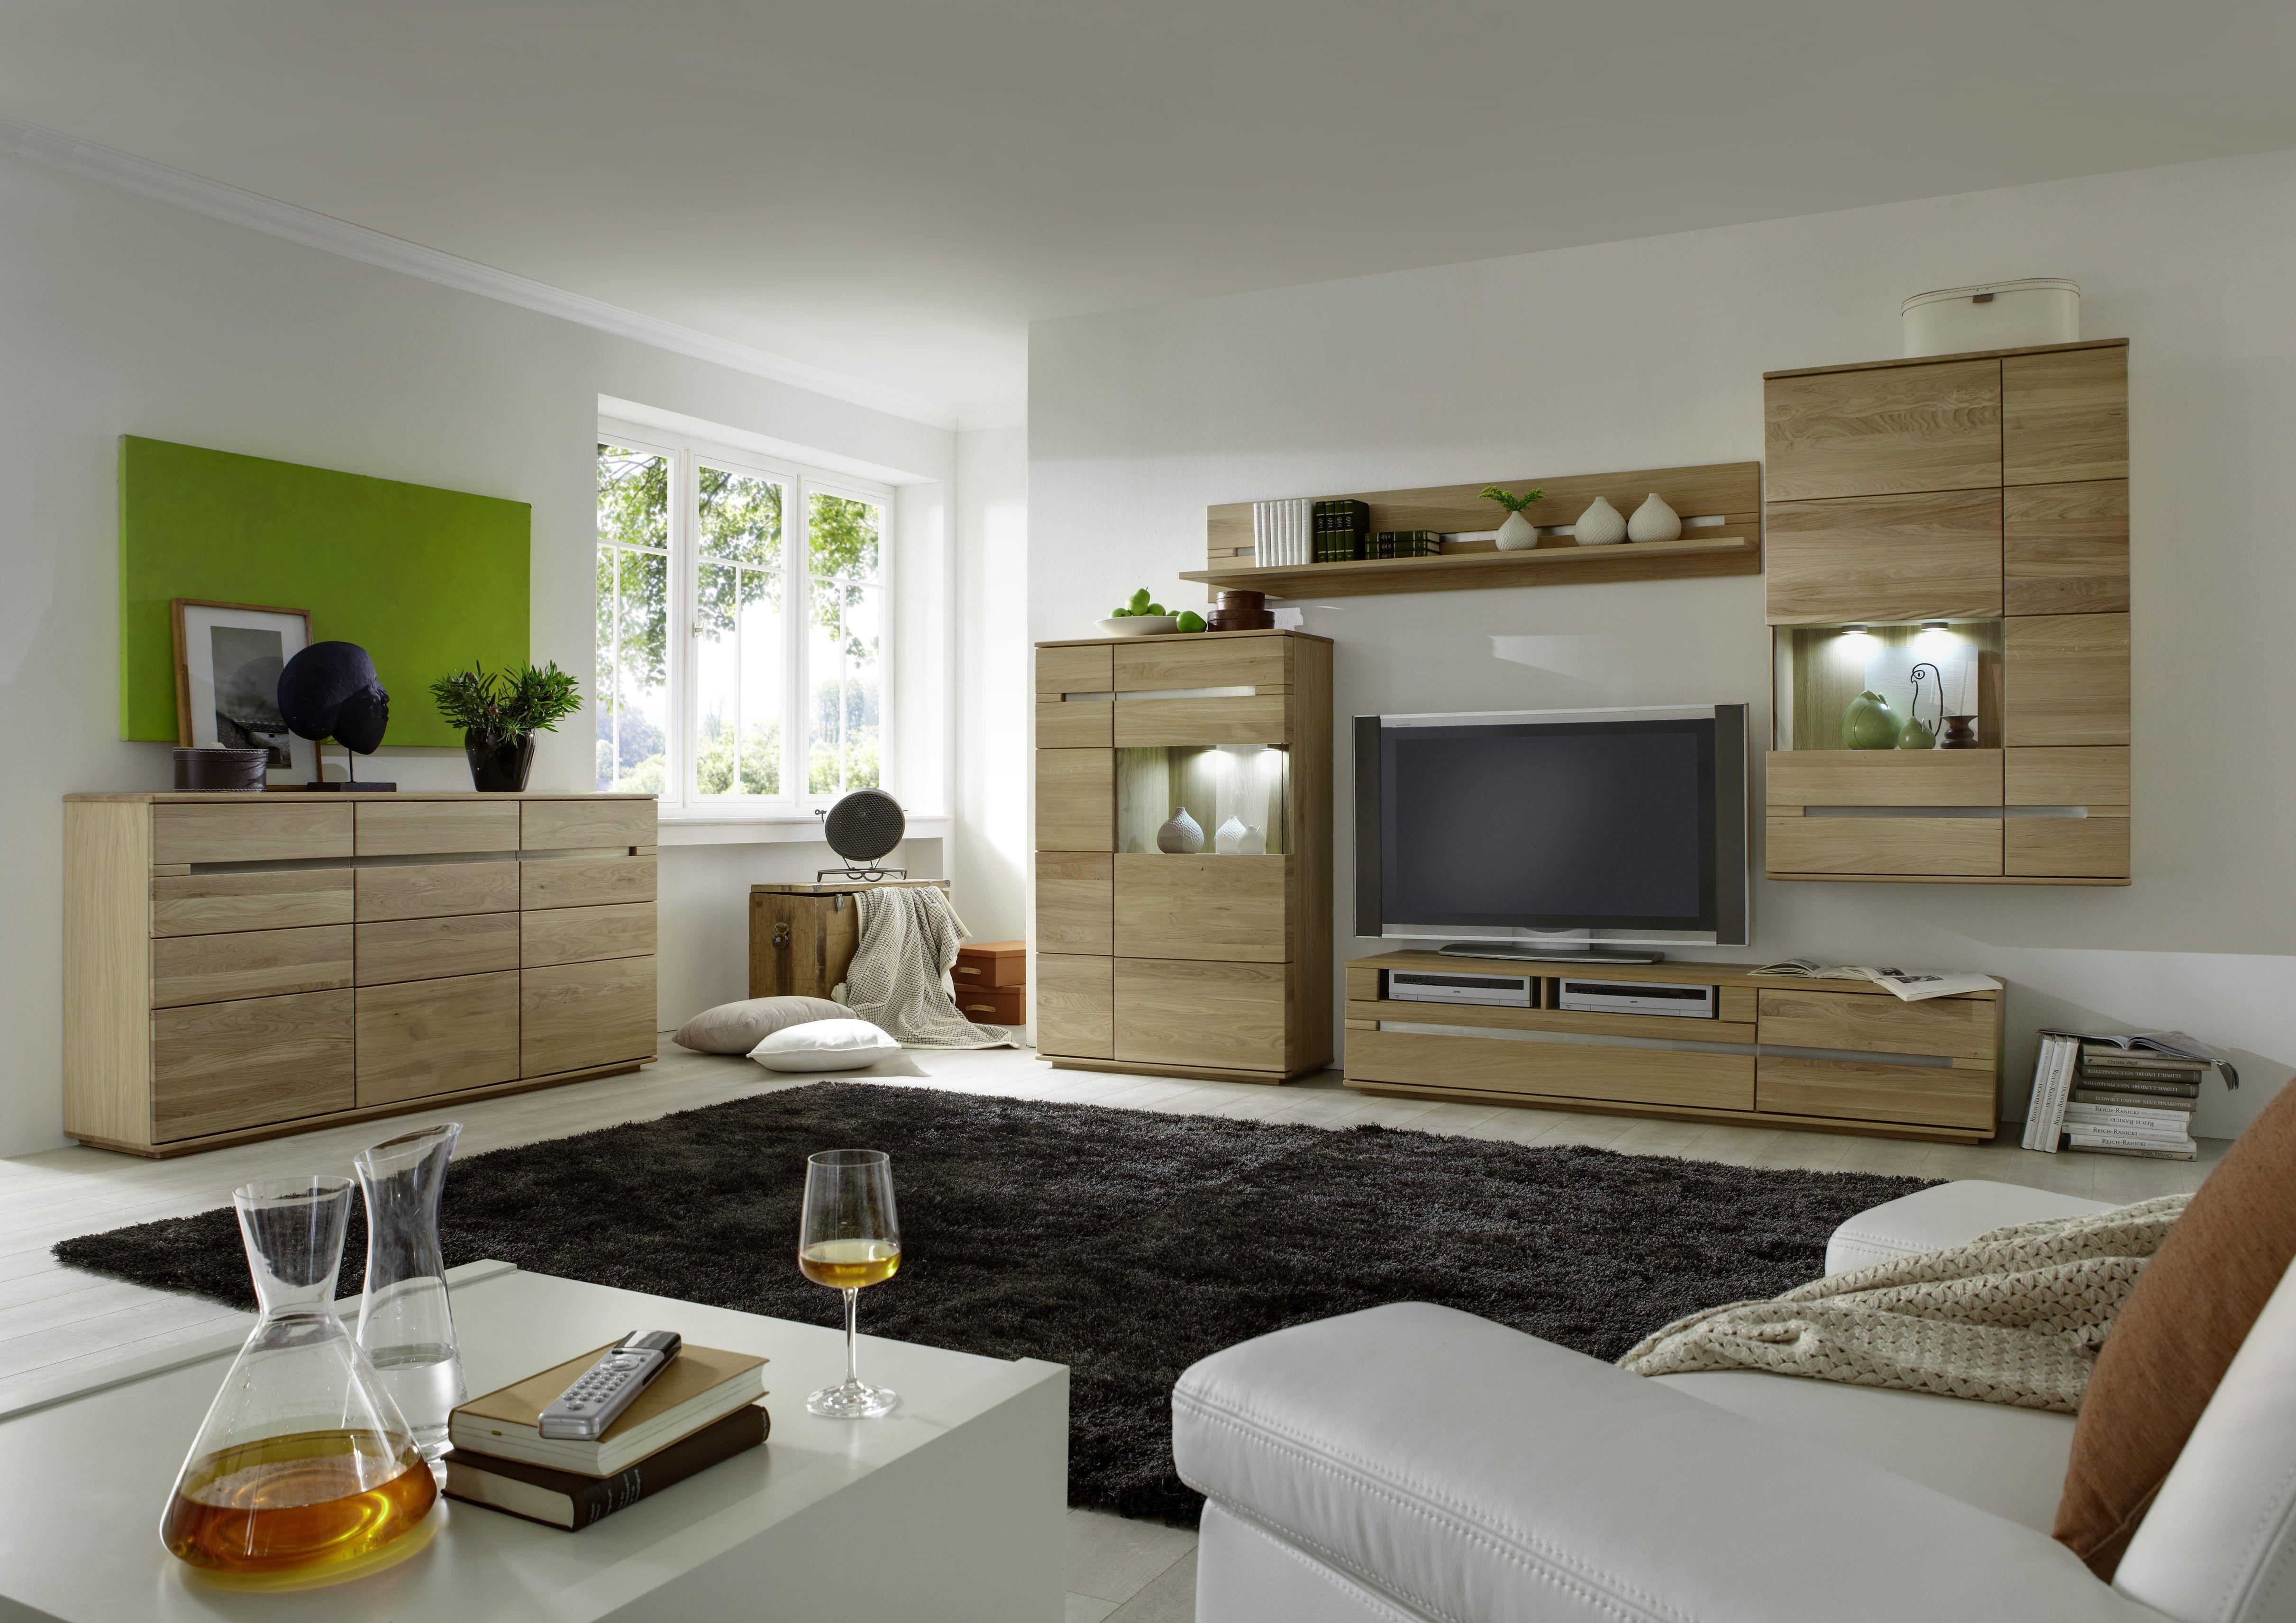 moderne wohnwande eiche, sehr moderne wohnwand in eiche bianco lamelle ist das neue highlight, Innenarchitektur